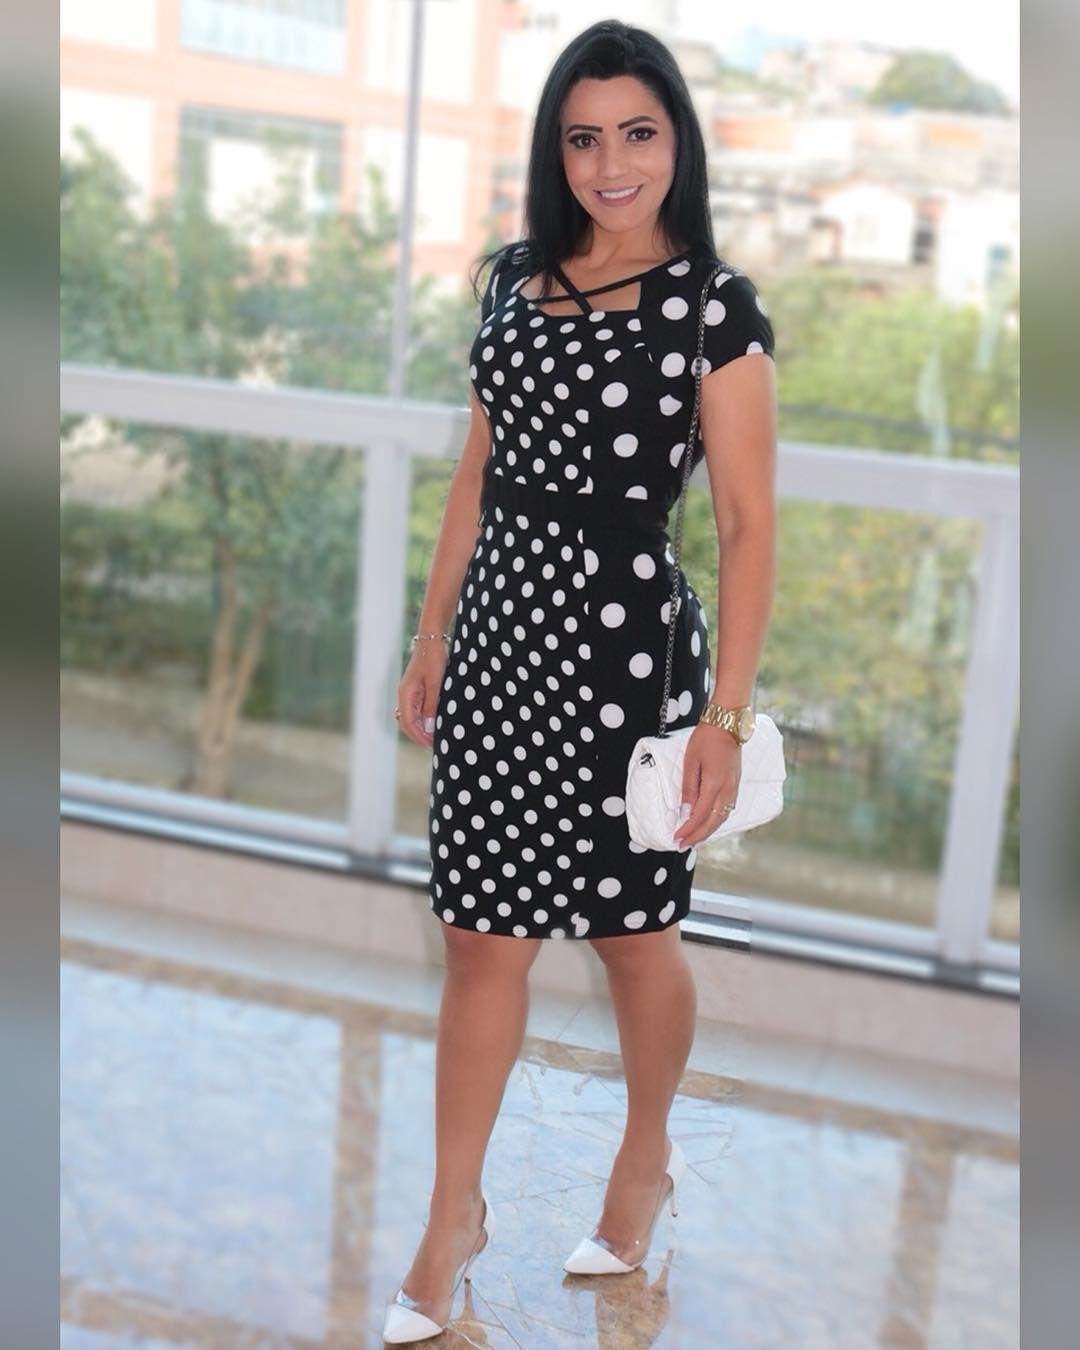 Muito estilo e elegância 👏🏻 Esse vestido poderoso tecido alfaiataria Poa  Disponível M G e GG 726670d388